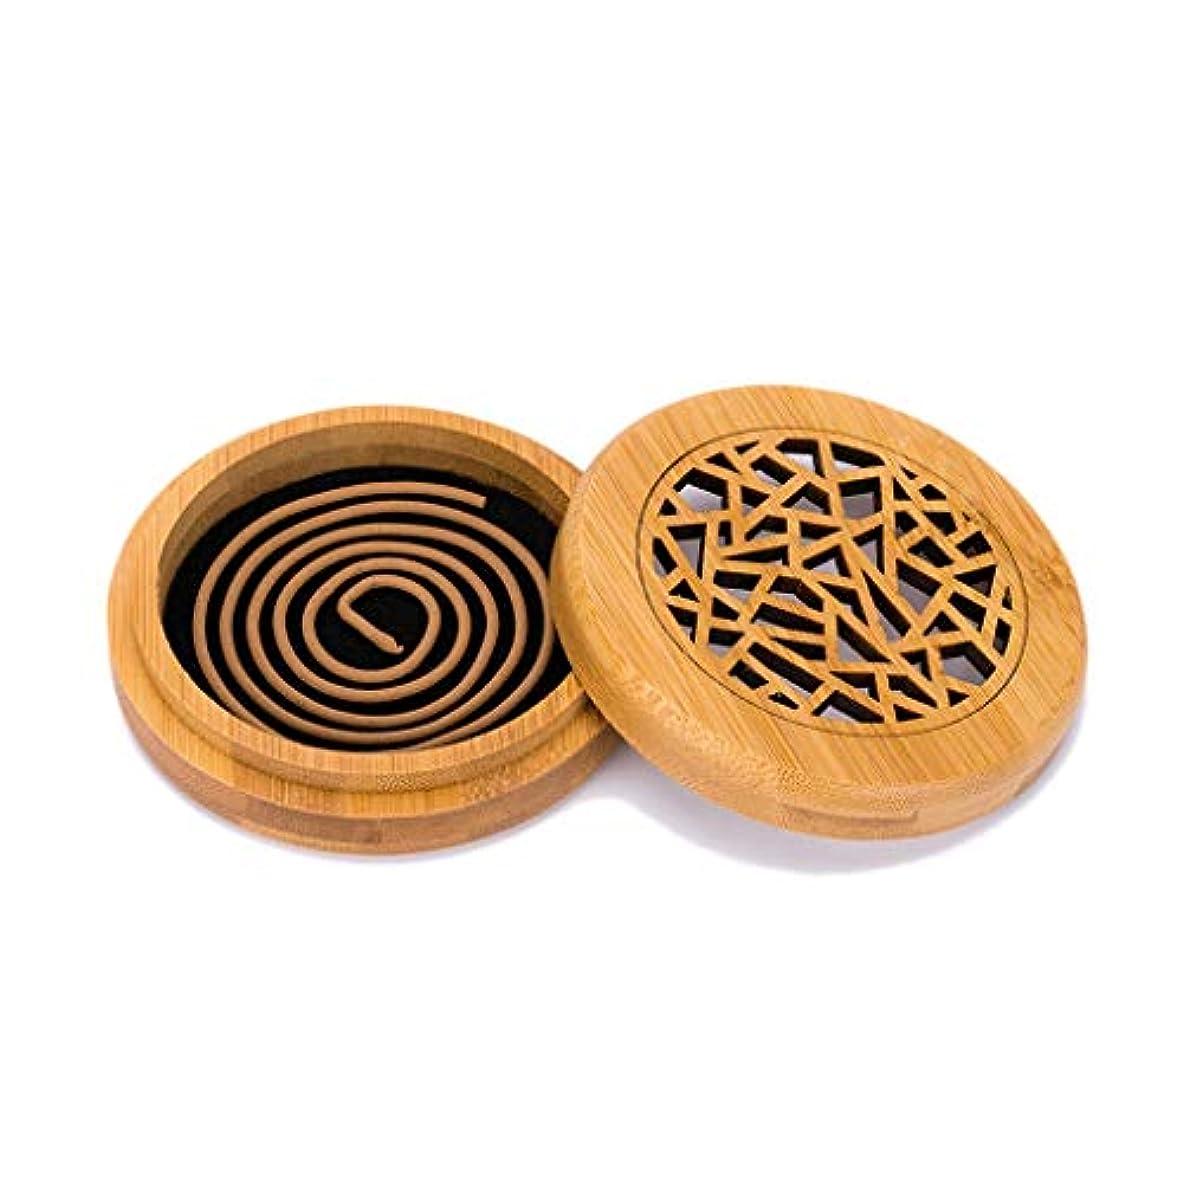 スラッシュ馬力バナナ竹の香バーナーコイルの香バーナー部屋の装飾瞑想竹の香り天然素材香ホルダー (Color : WOOD, サイズ : Round)